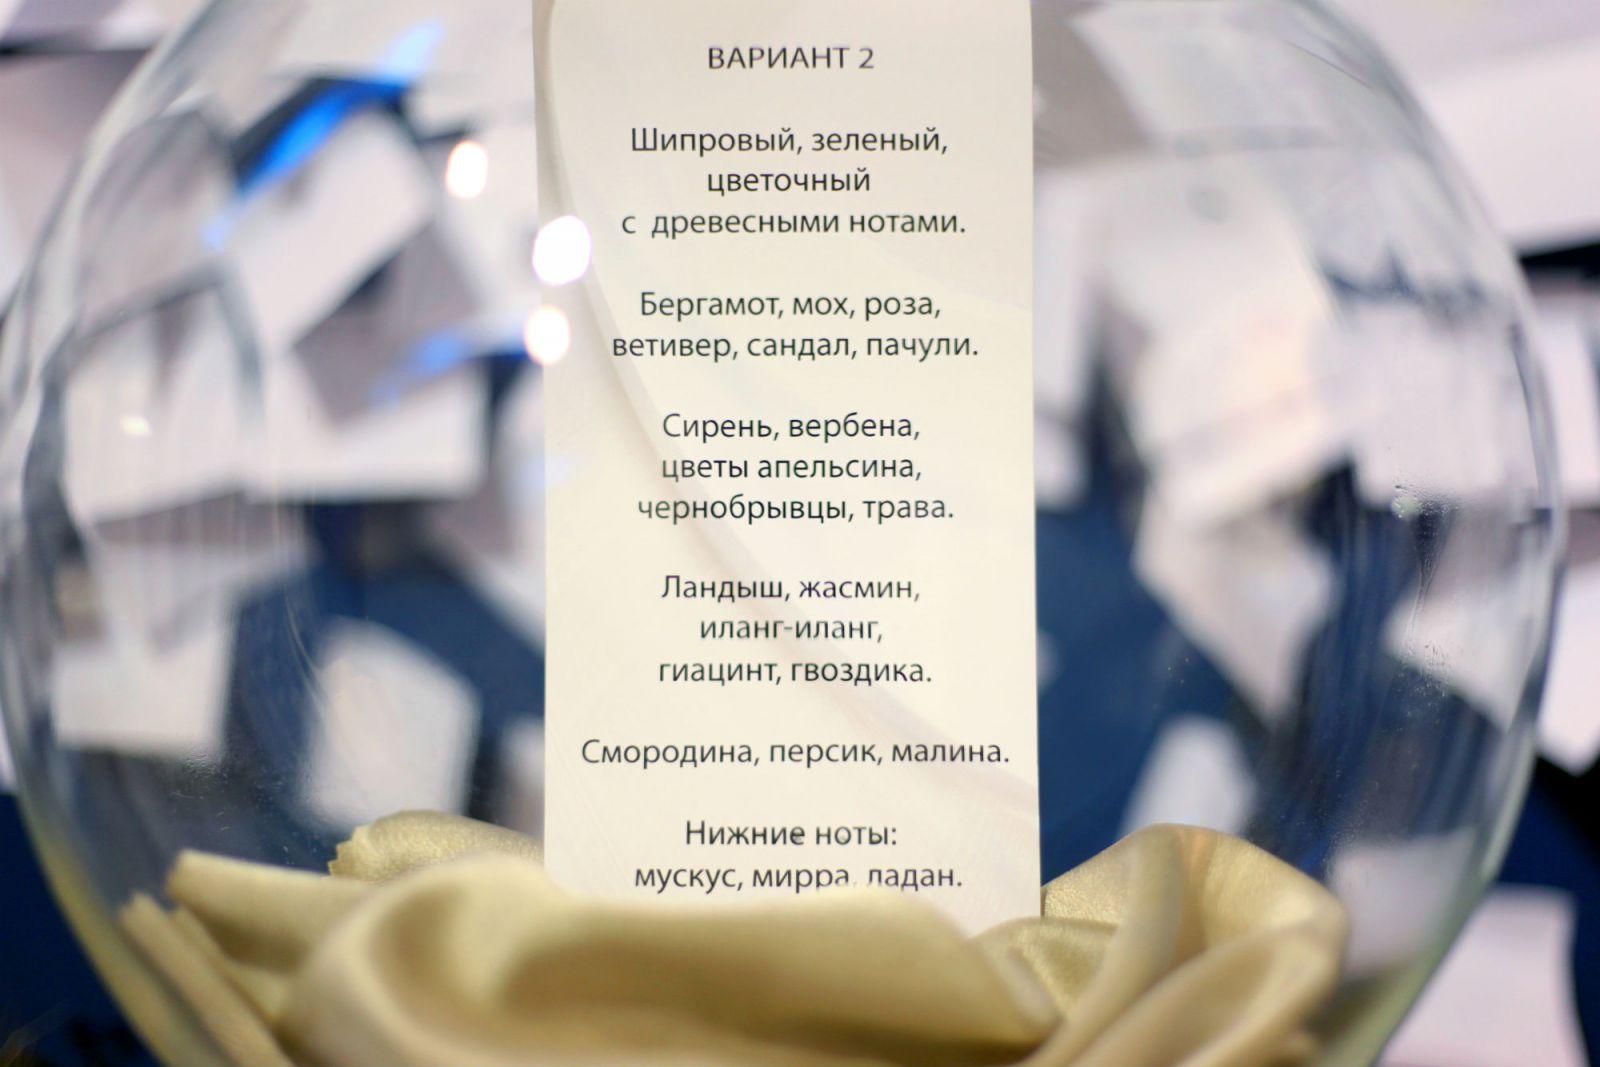 Как будет пахнуть парфюм Украина - фото №4